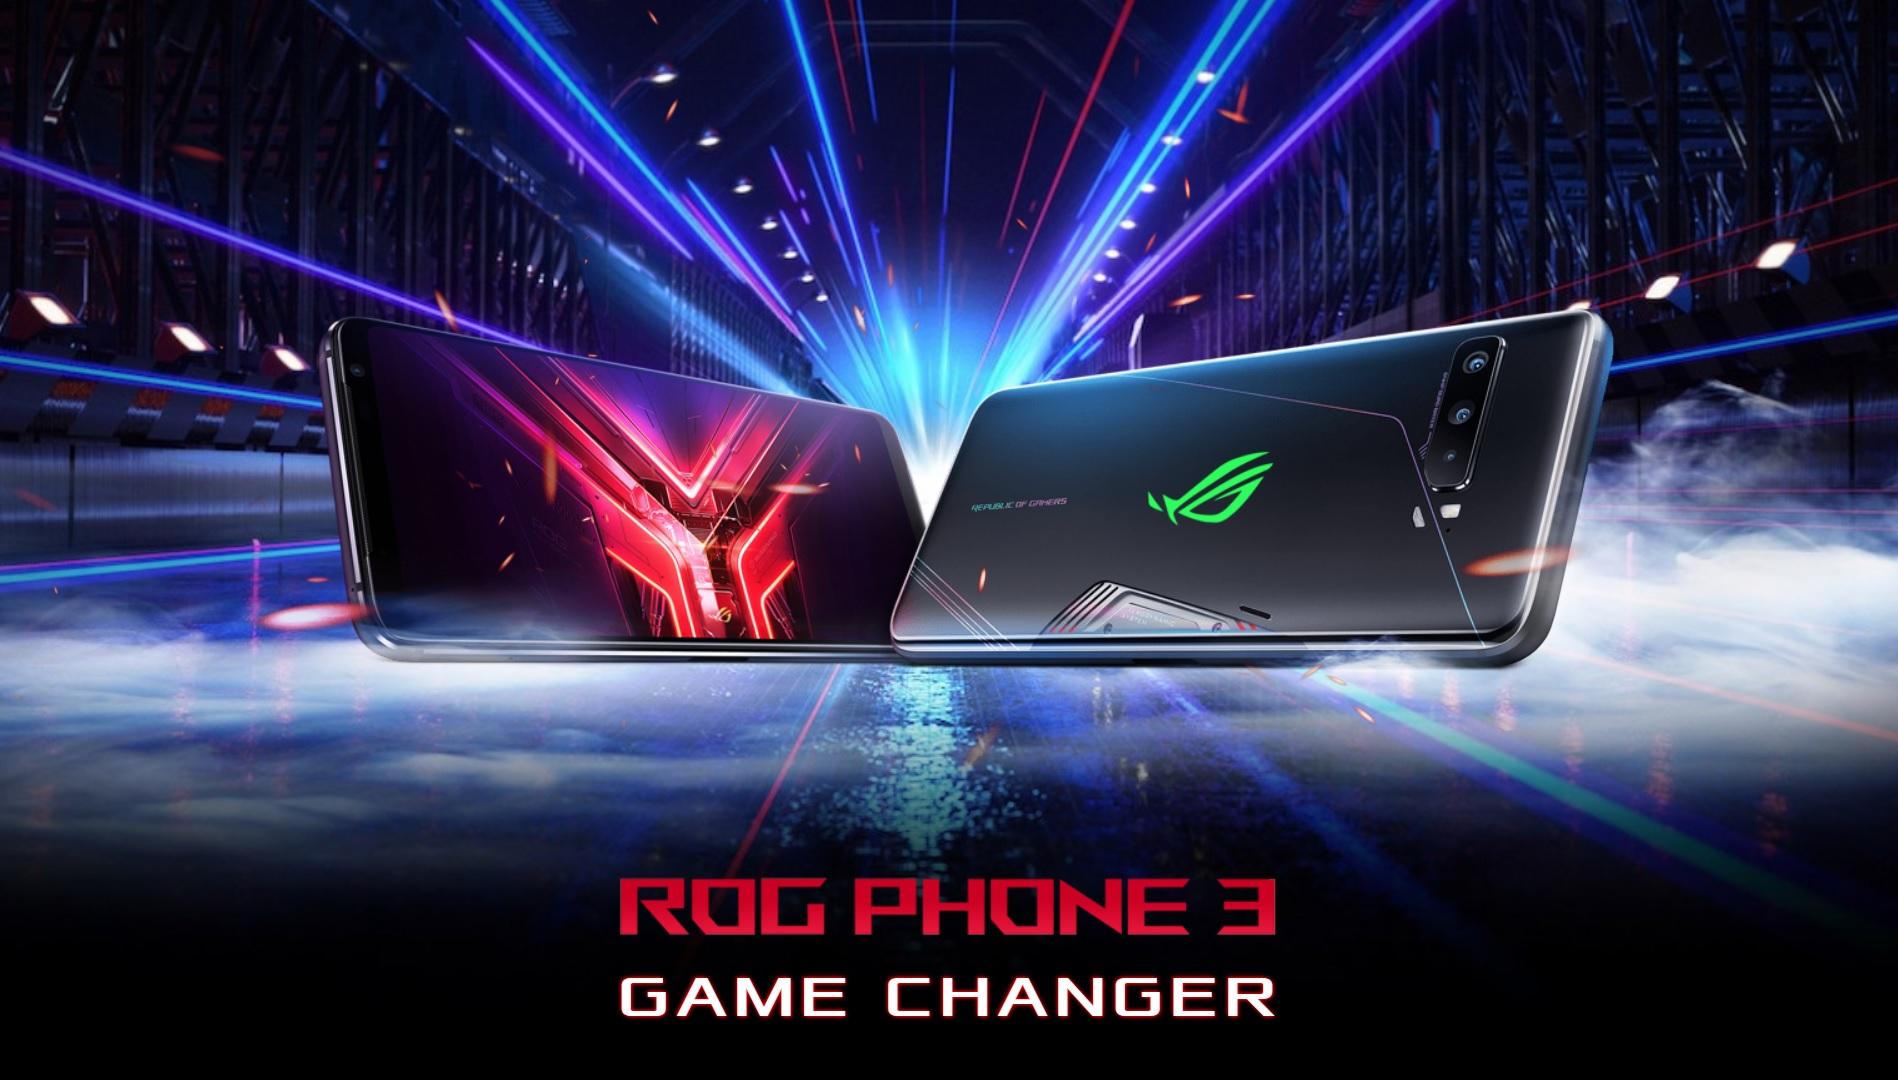 ASUS ROG PHONE 3 GAMING SMARTPHONE BANNER